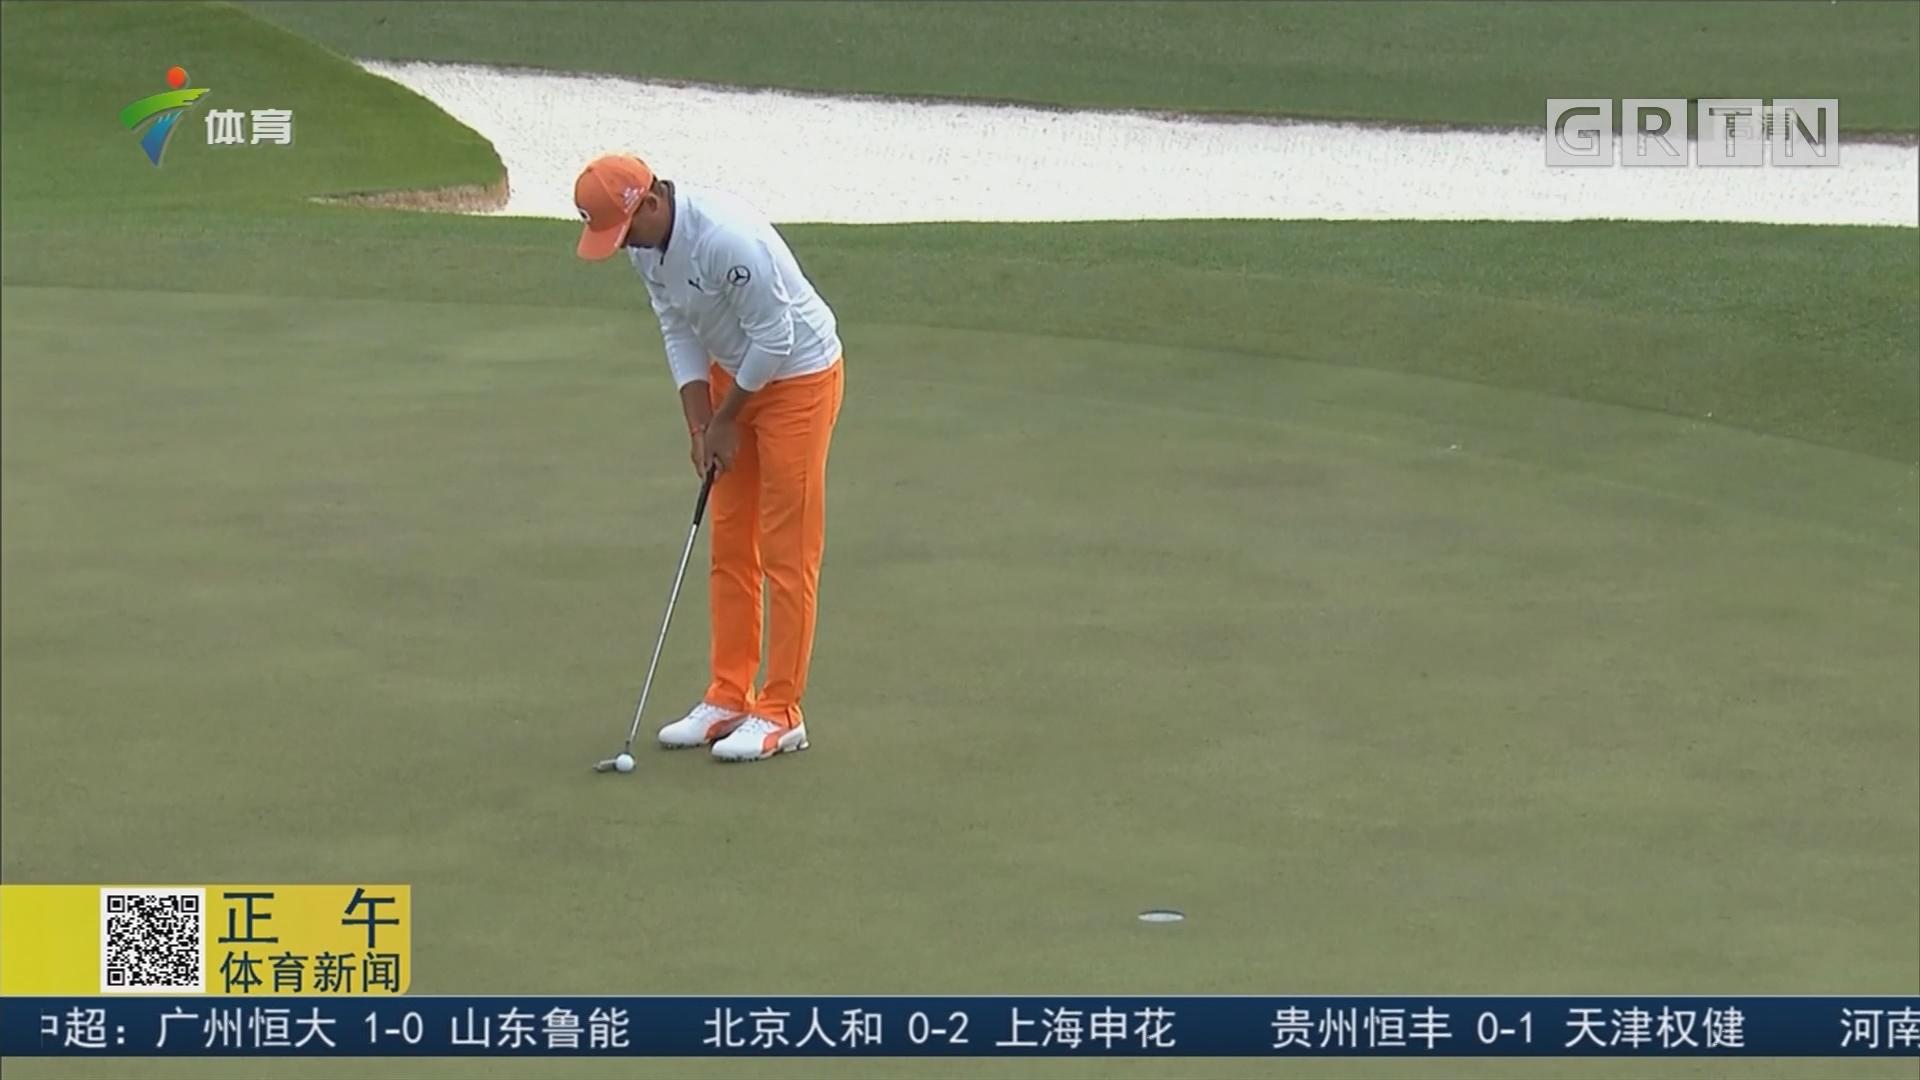 高尔夫美国大师赛 帕特里克·瑞德夺冠穿绿夹克